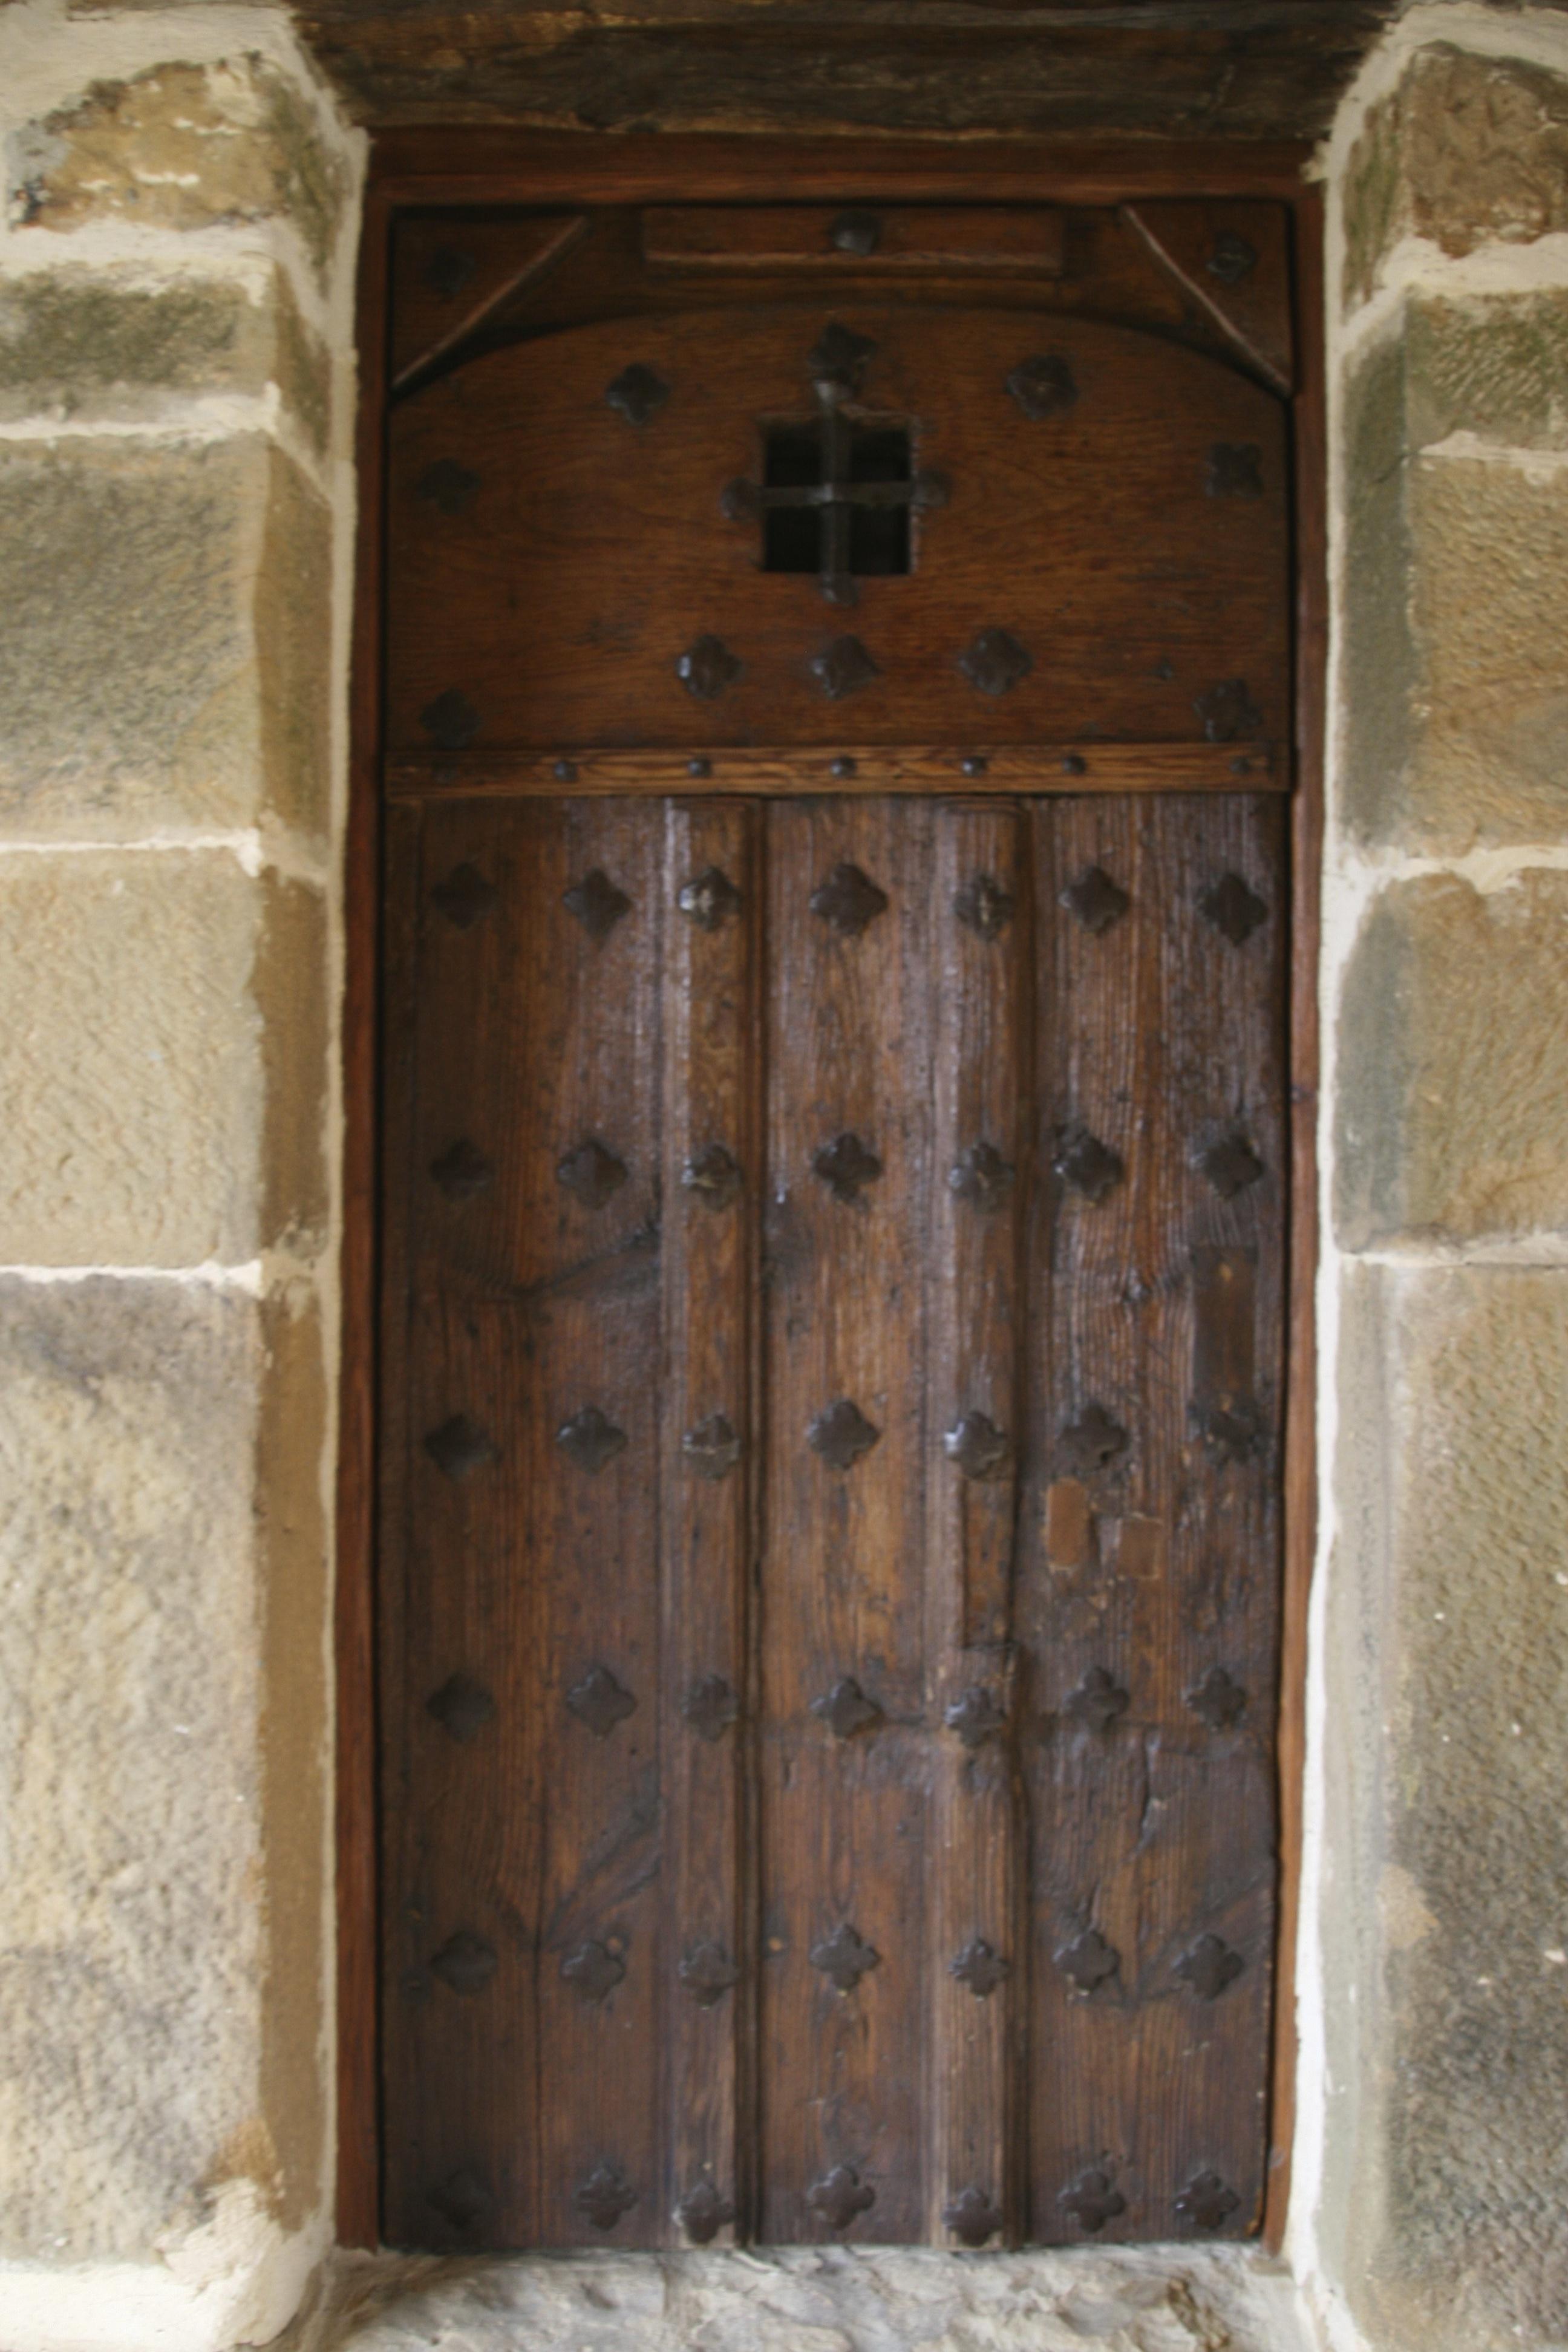 https://navamuel.es/images/Edificios/Puerta.jpg